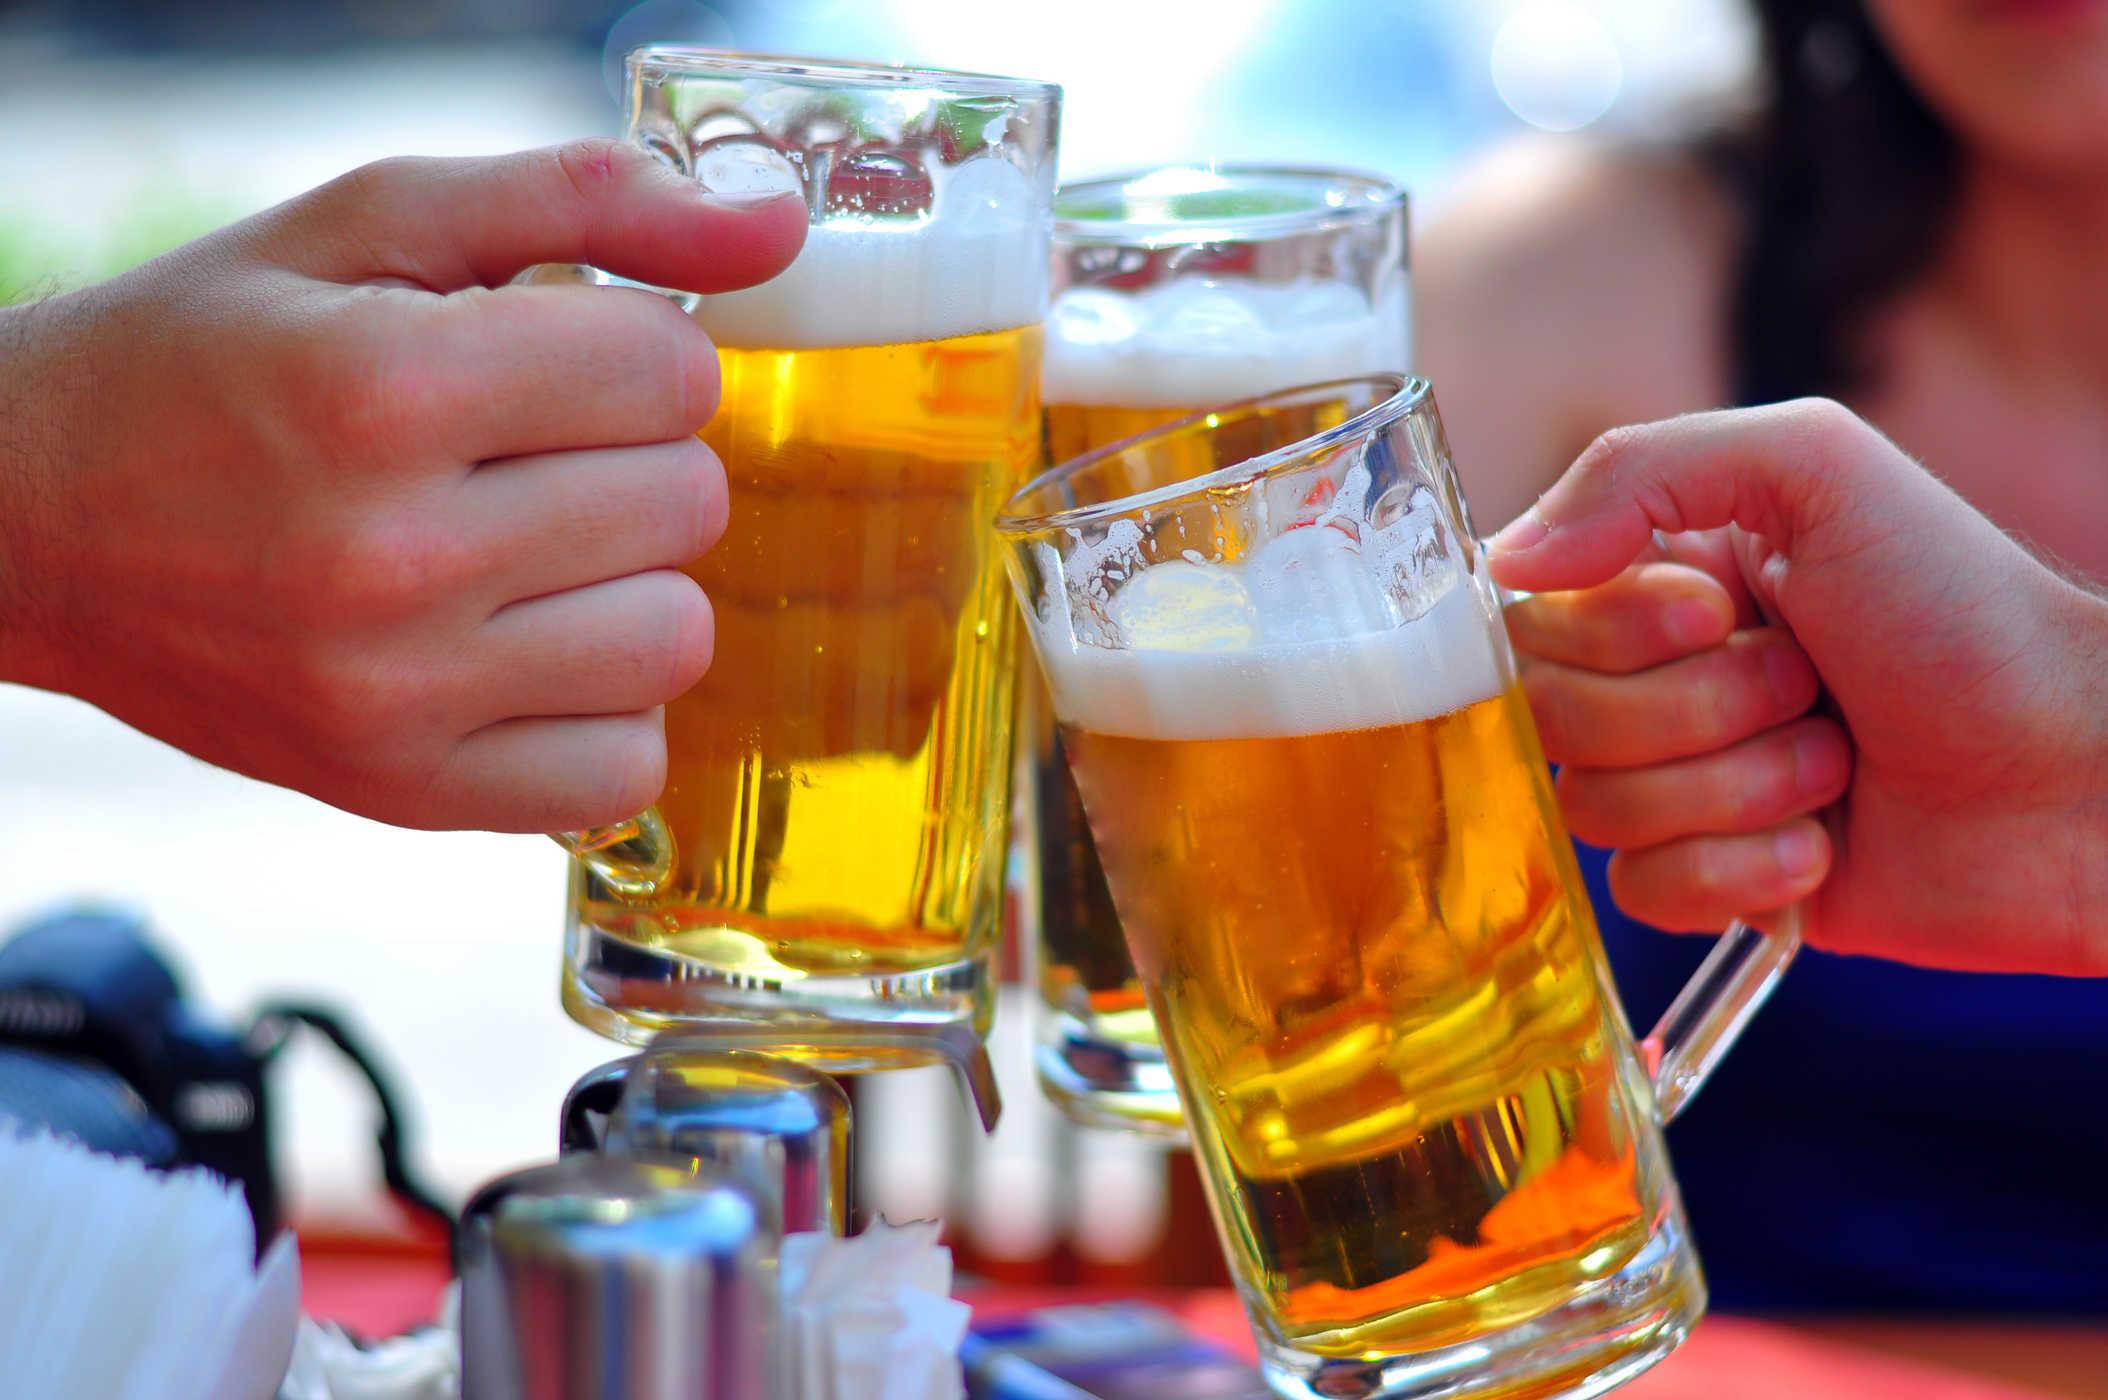 Năm 2017, người Việt uống hơn 4 tỉ lít bia tăng 6% do với năm 2016